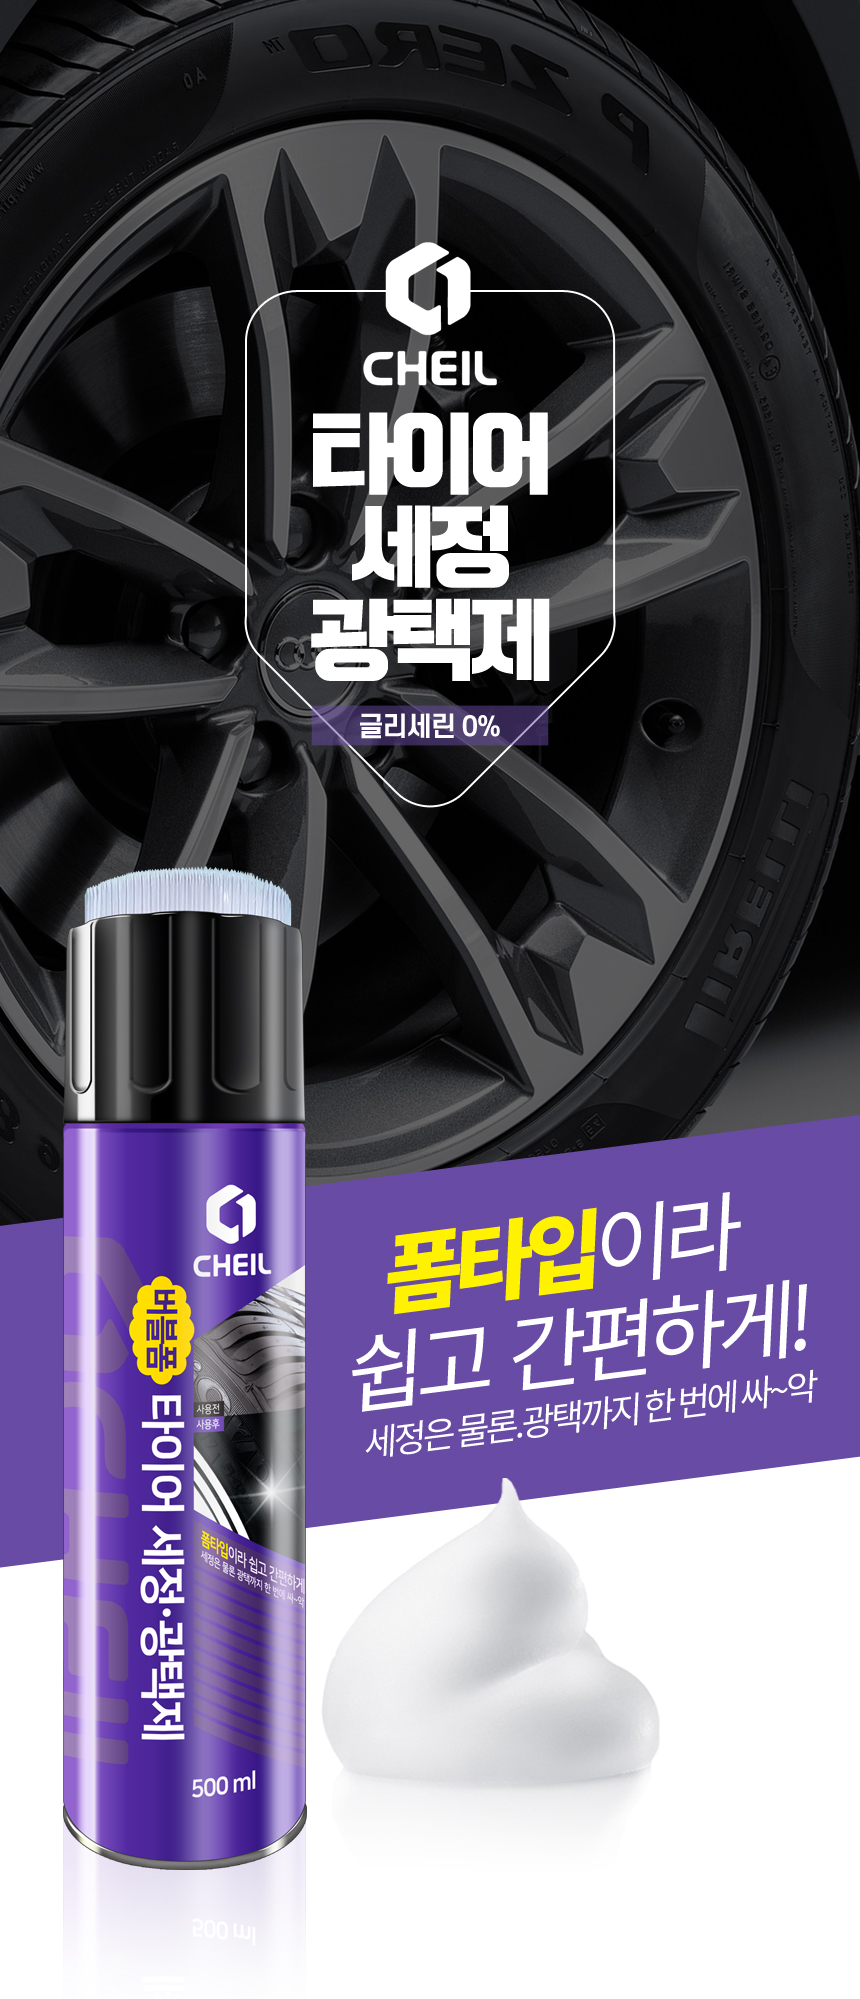 cheil_bubble_foam_tire_01_094512.jpg